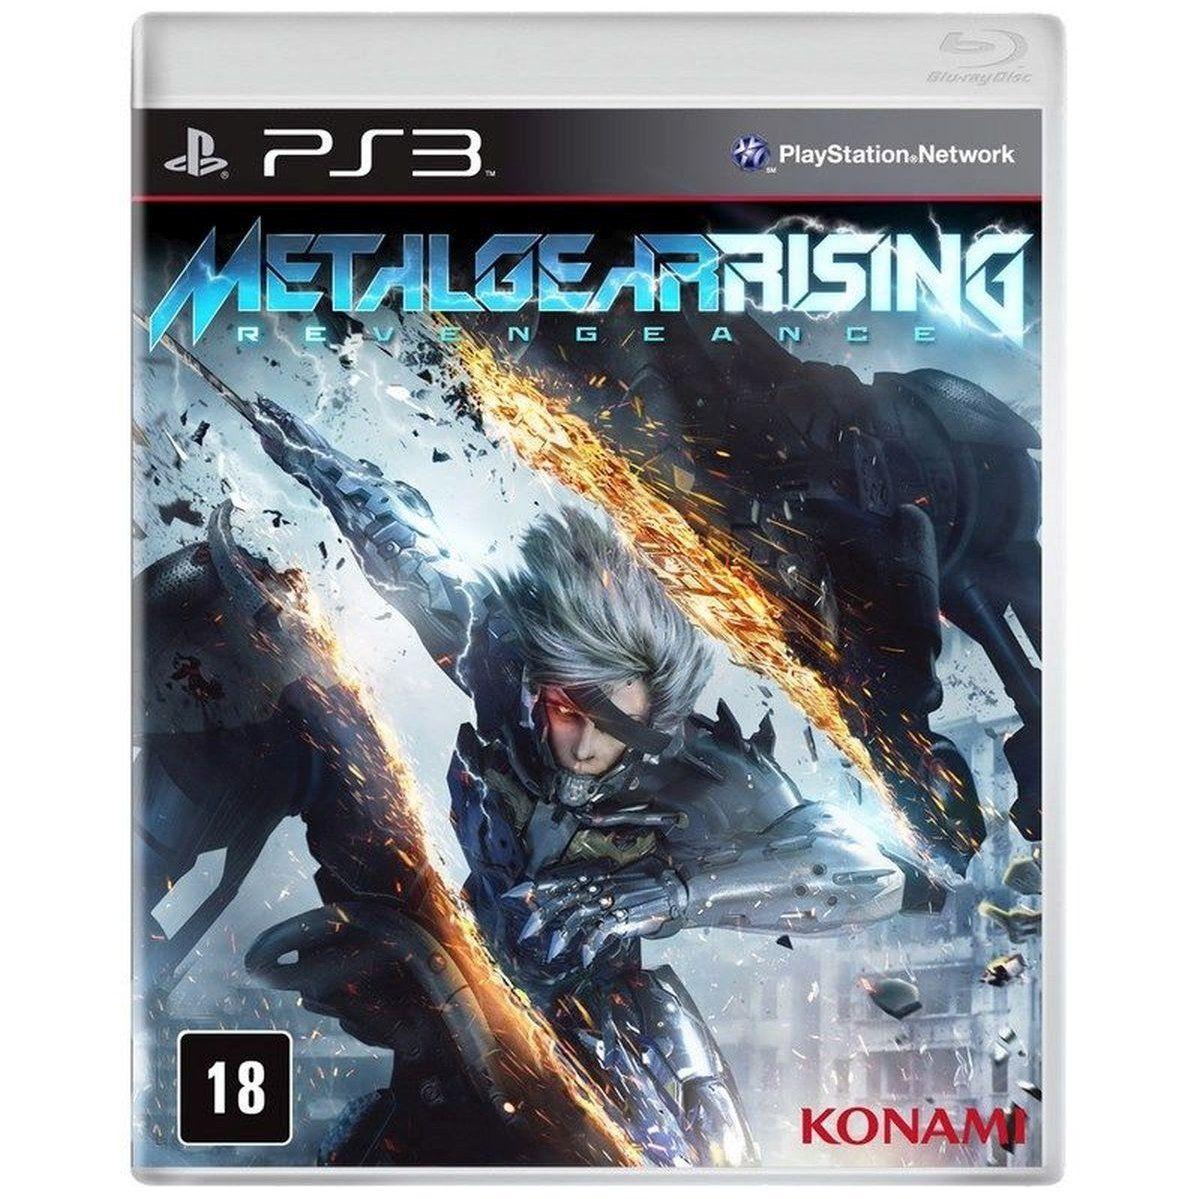 Metalgear rising revengeance ps3